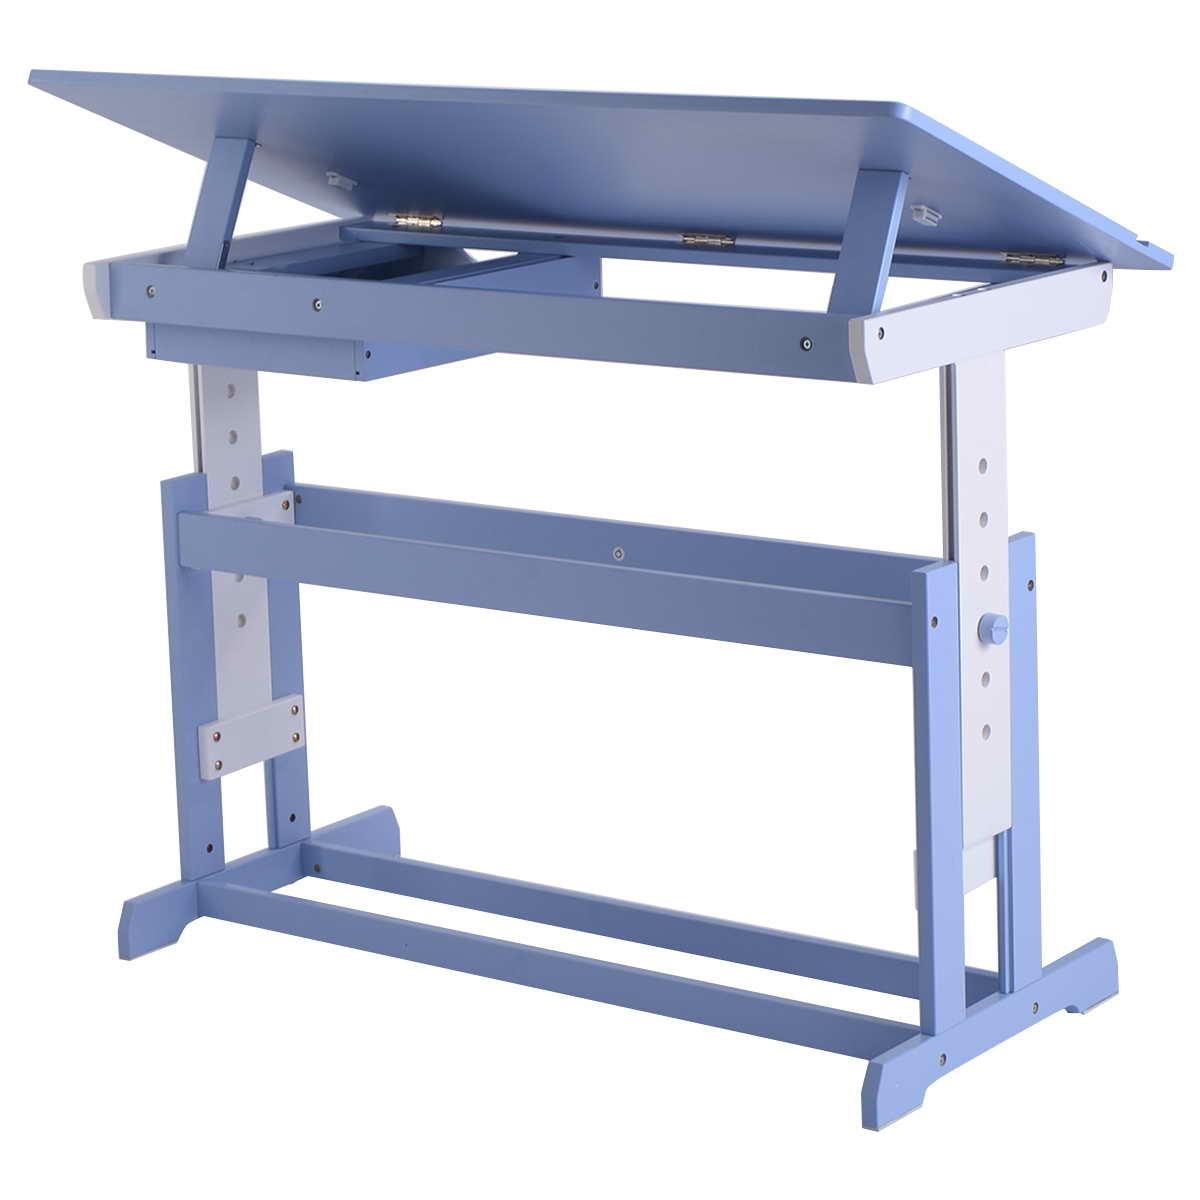 Bureau enfant ergonomique table inclinable réglable meuble de dessin et lecture (Bleu) Blitzzauber24